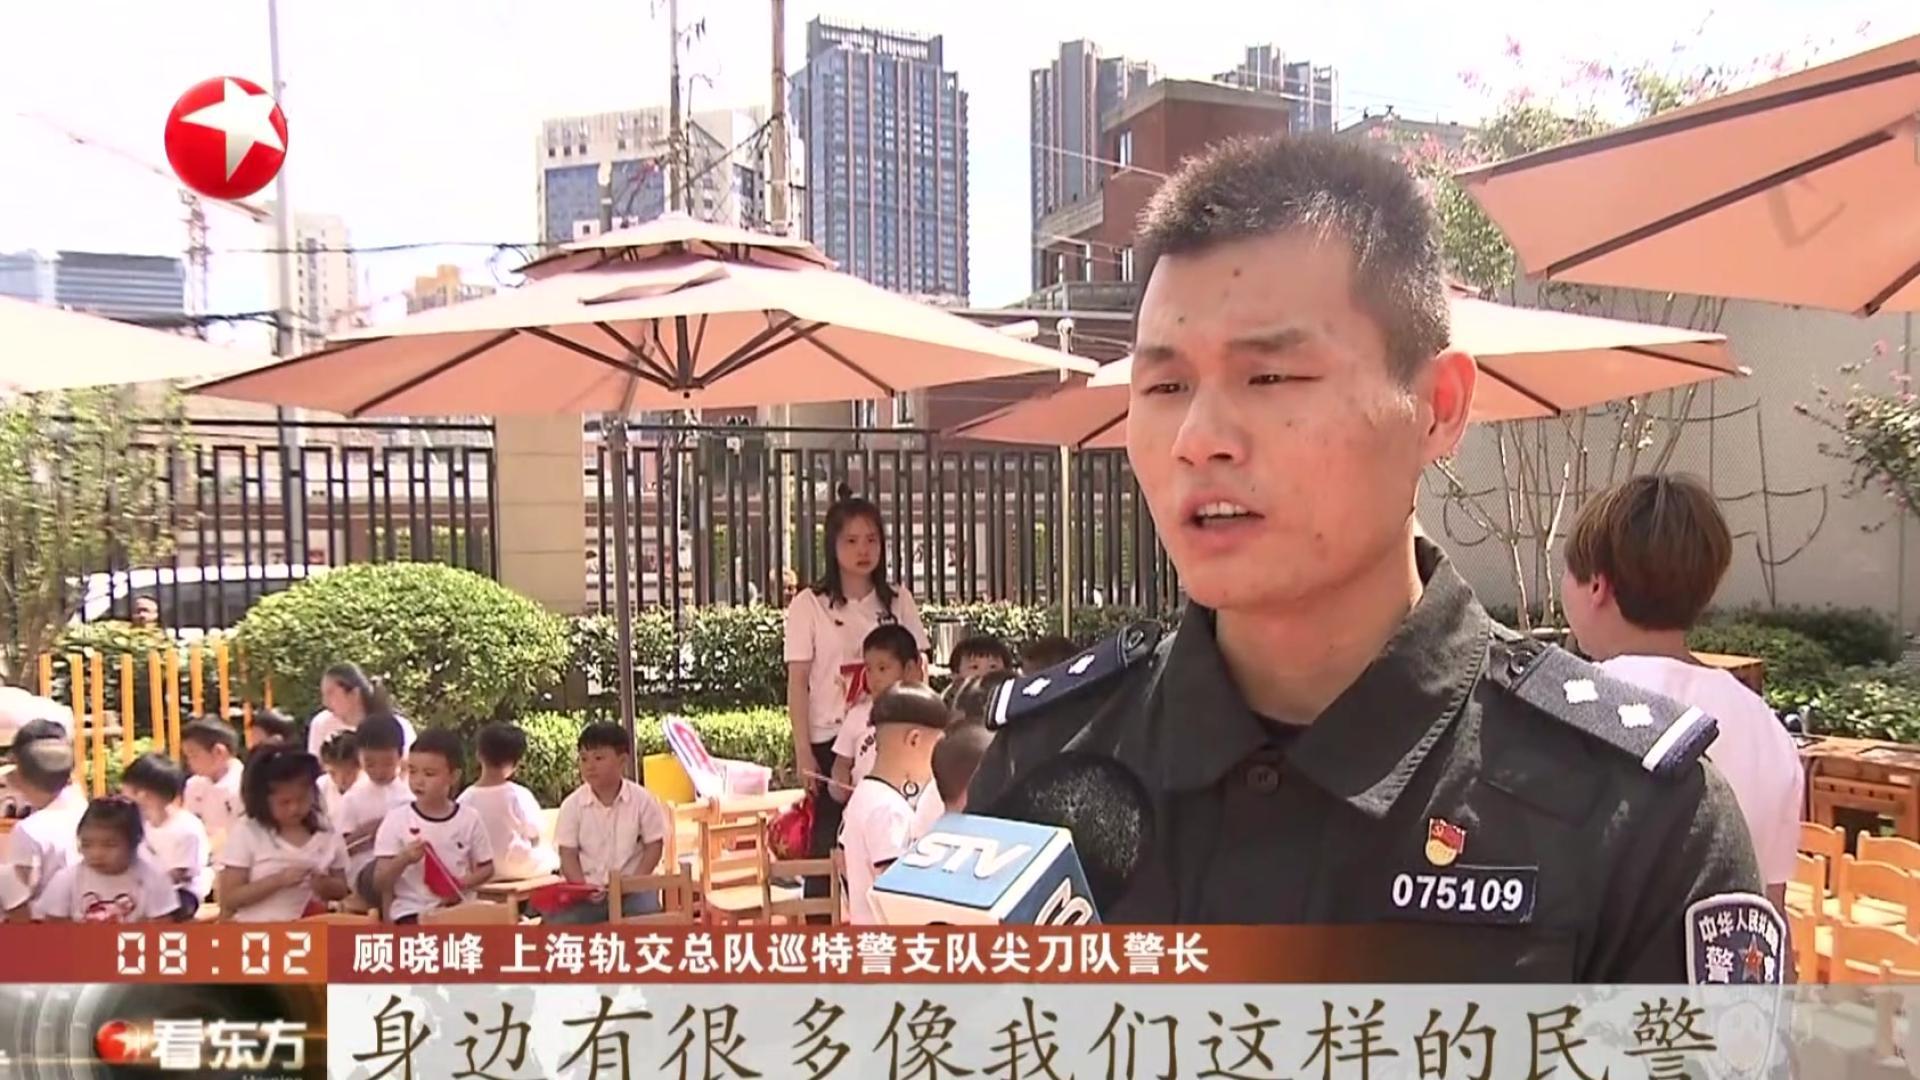 上海:举办警营体验活动  特警警犬伴萌娃